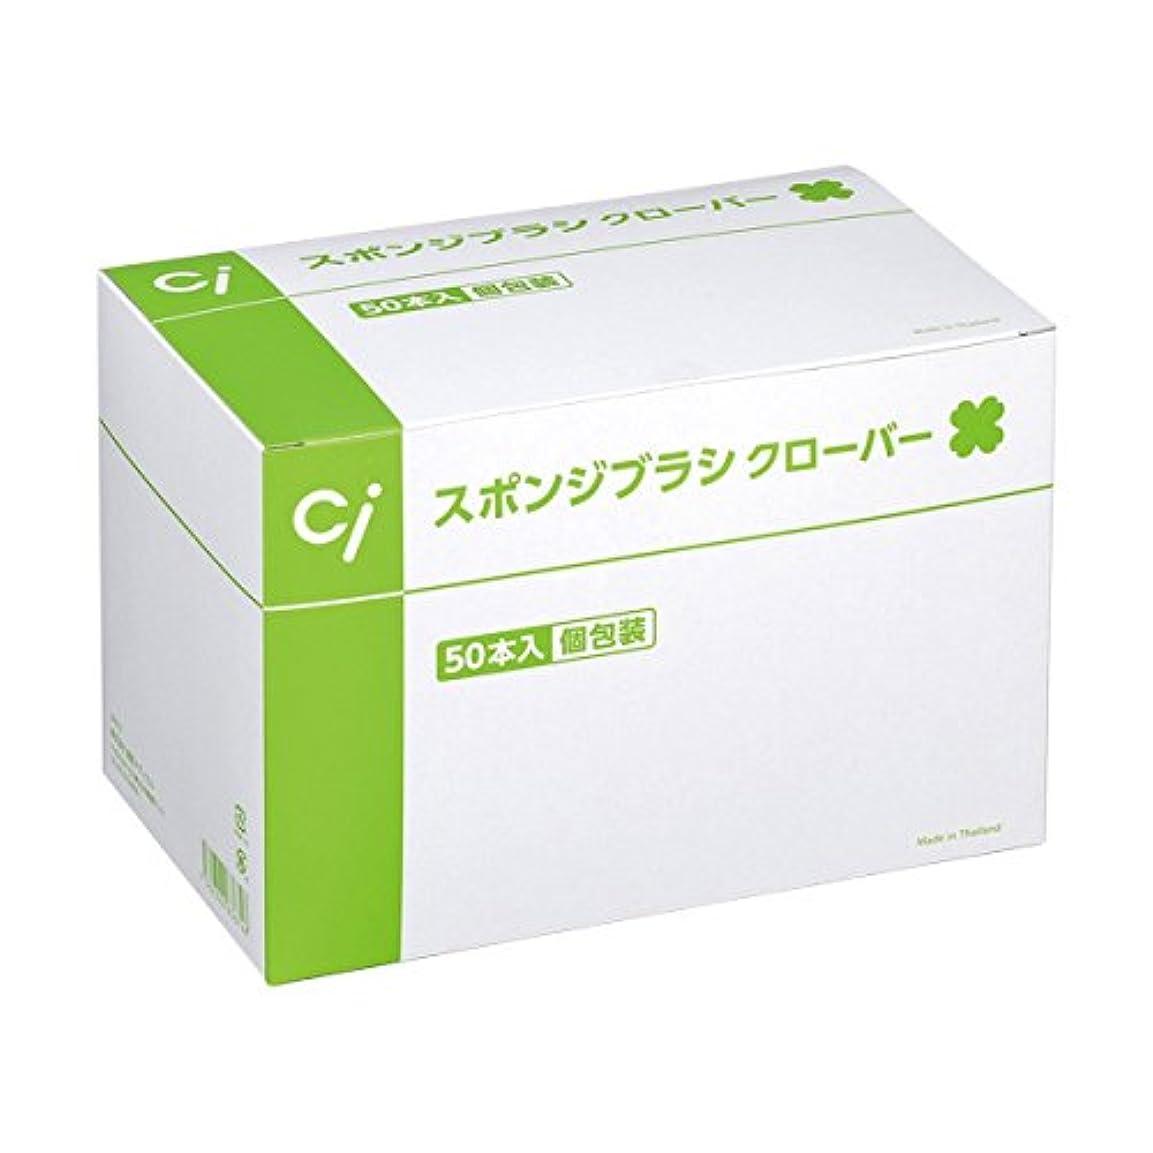 夫婦コウモリおとうさんCi スポンジブラシ クローバー(50本入)